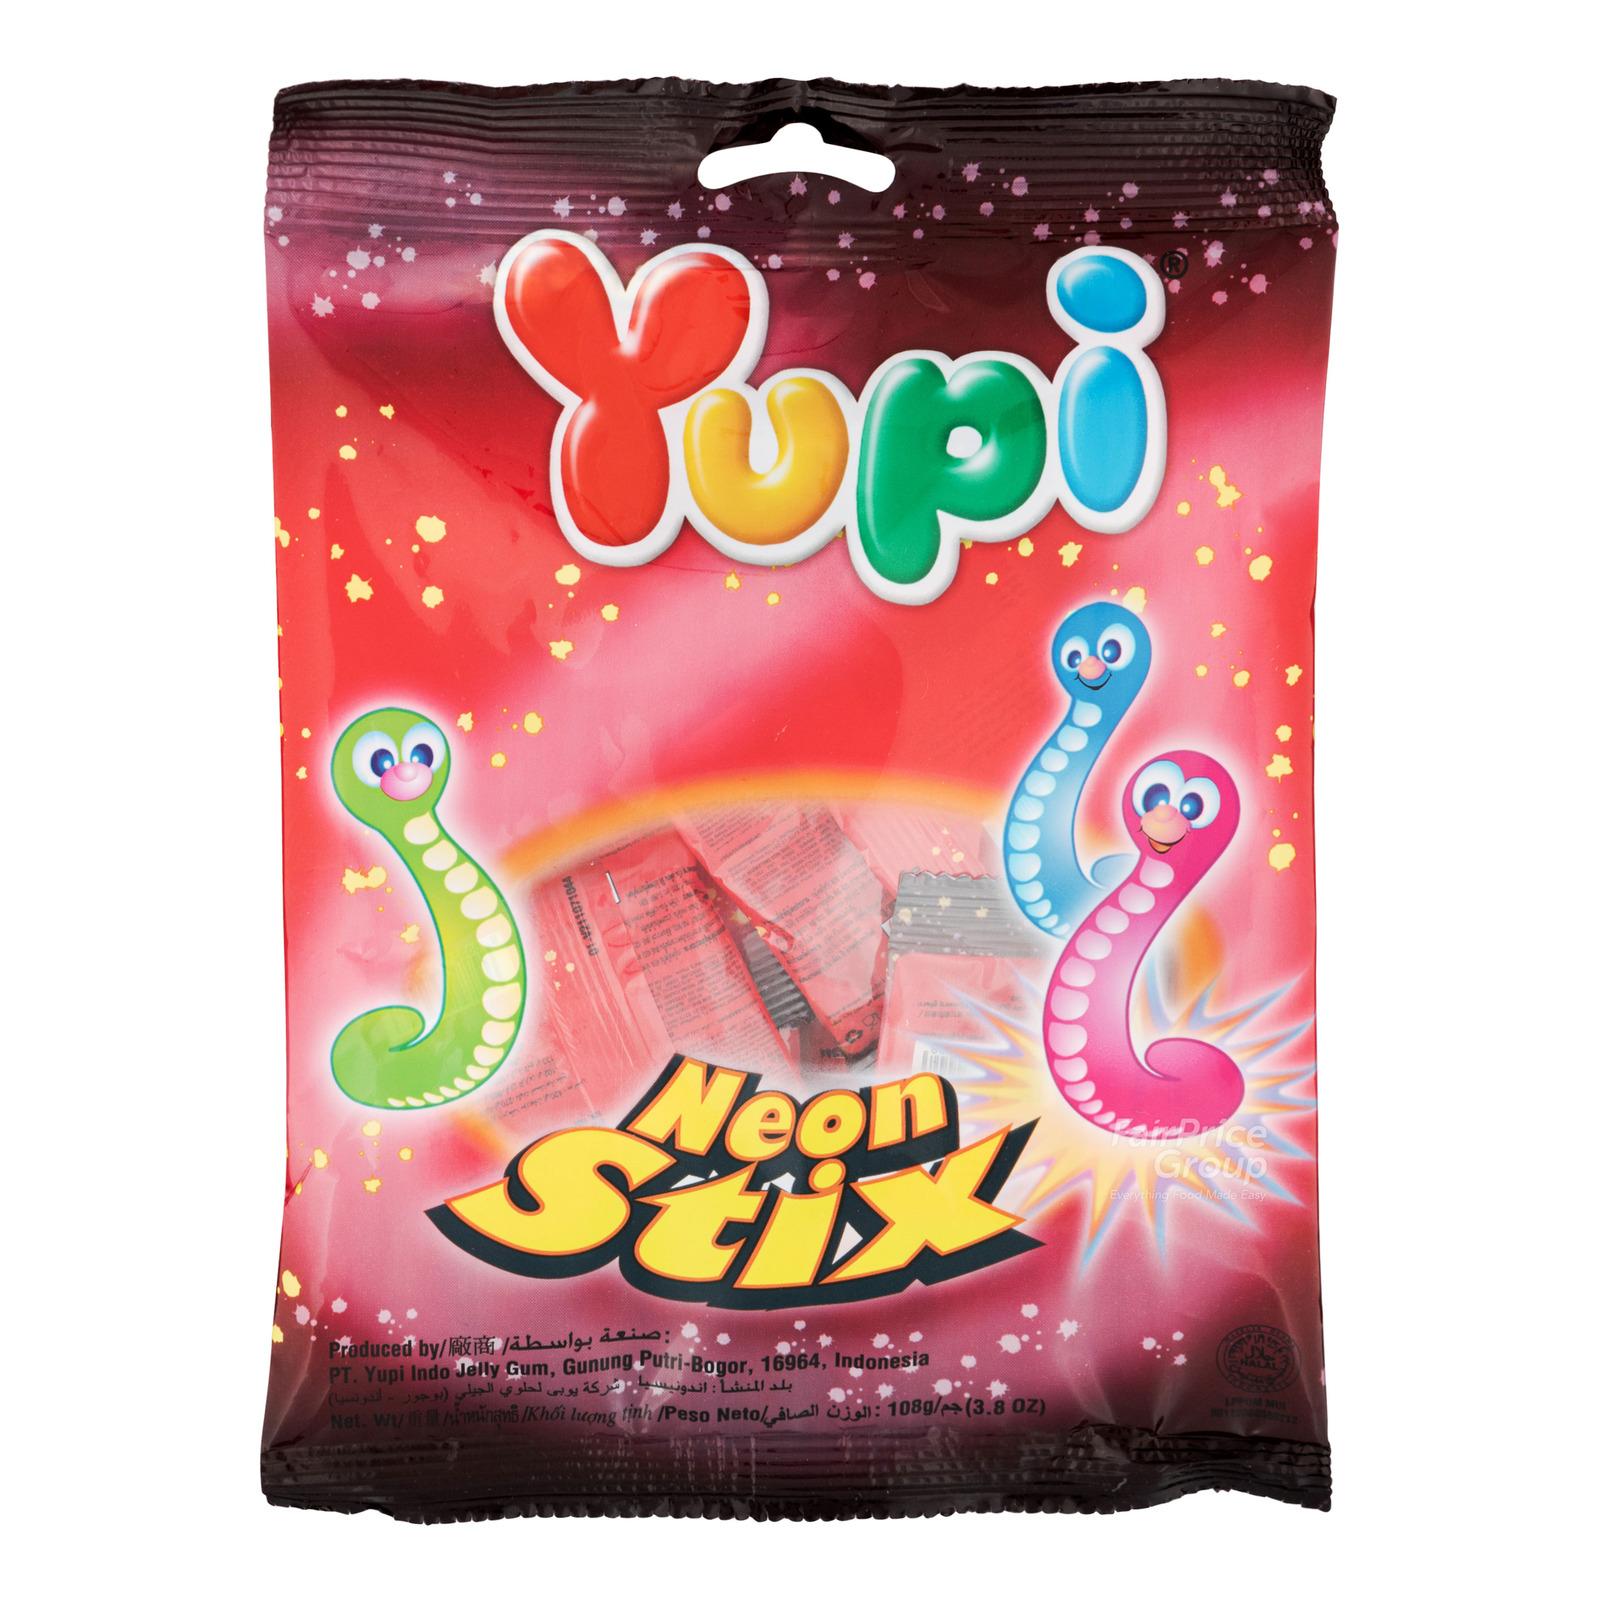 Yupi Gummy Candies - Neon Stix